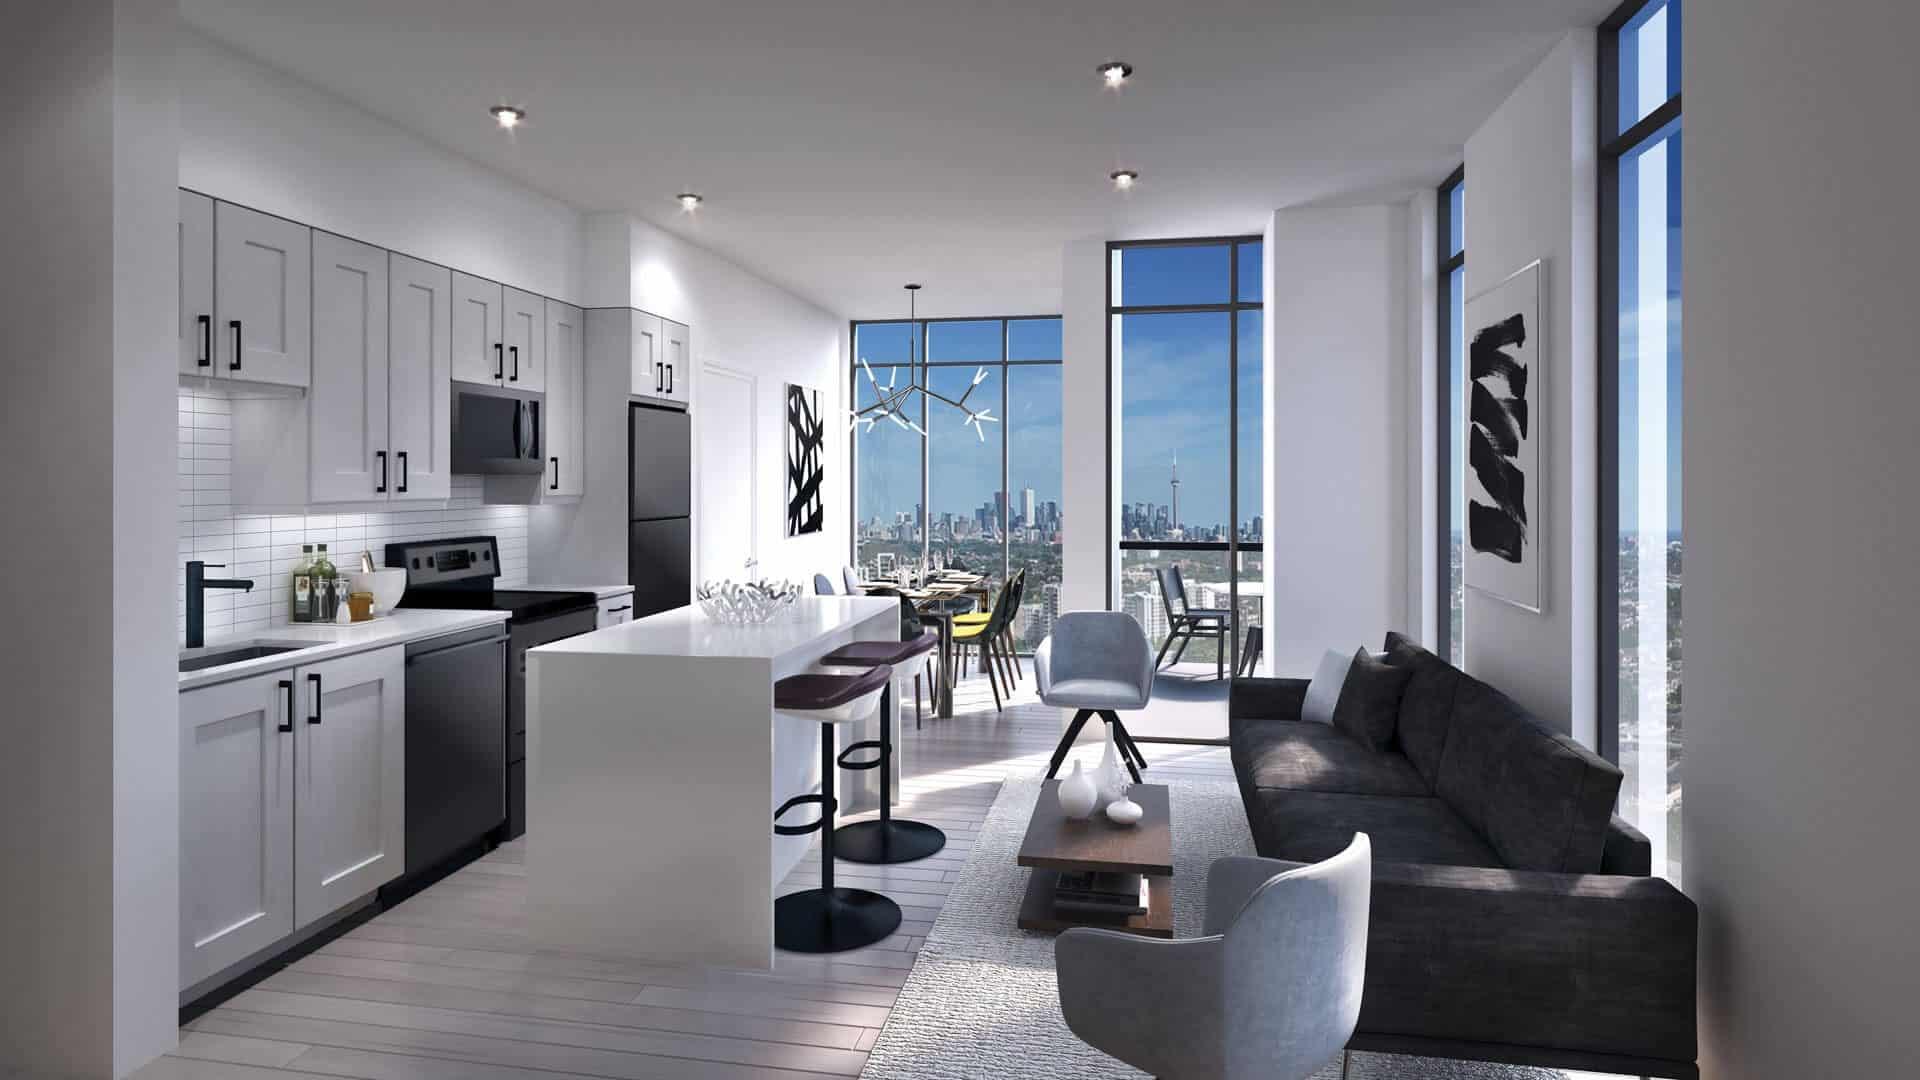 East Junction Condos Suite Interior Features Finishes True Condos